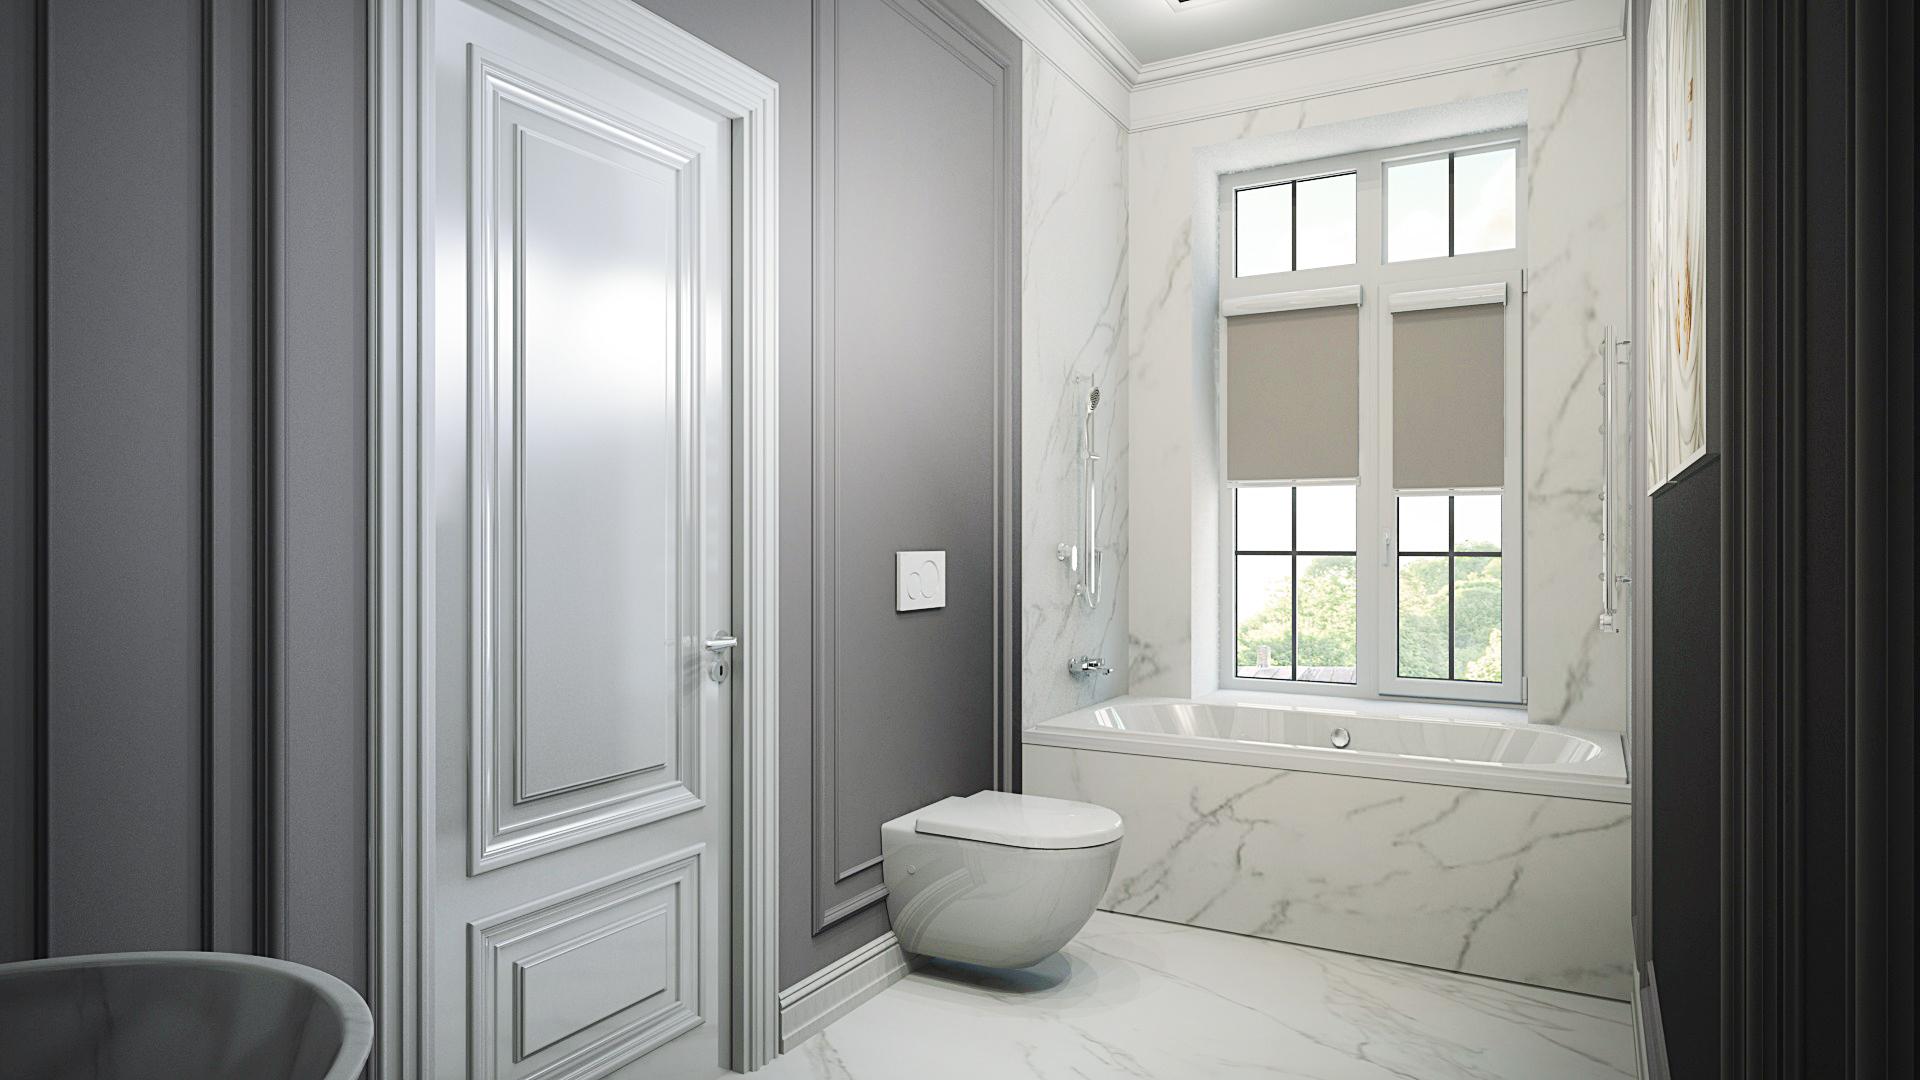 дизайн ванной, ремонт ванной под ключ, дизайн интерьера, интеьрер ванной комнаты, ванная комнаита, ванная в неоклассическом стиле, ванная комната в современной классике